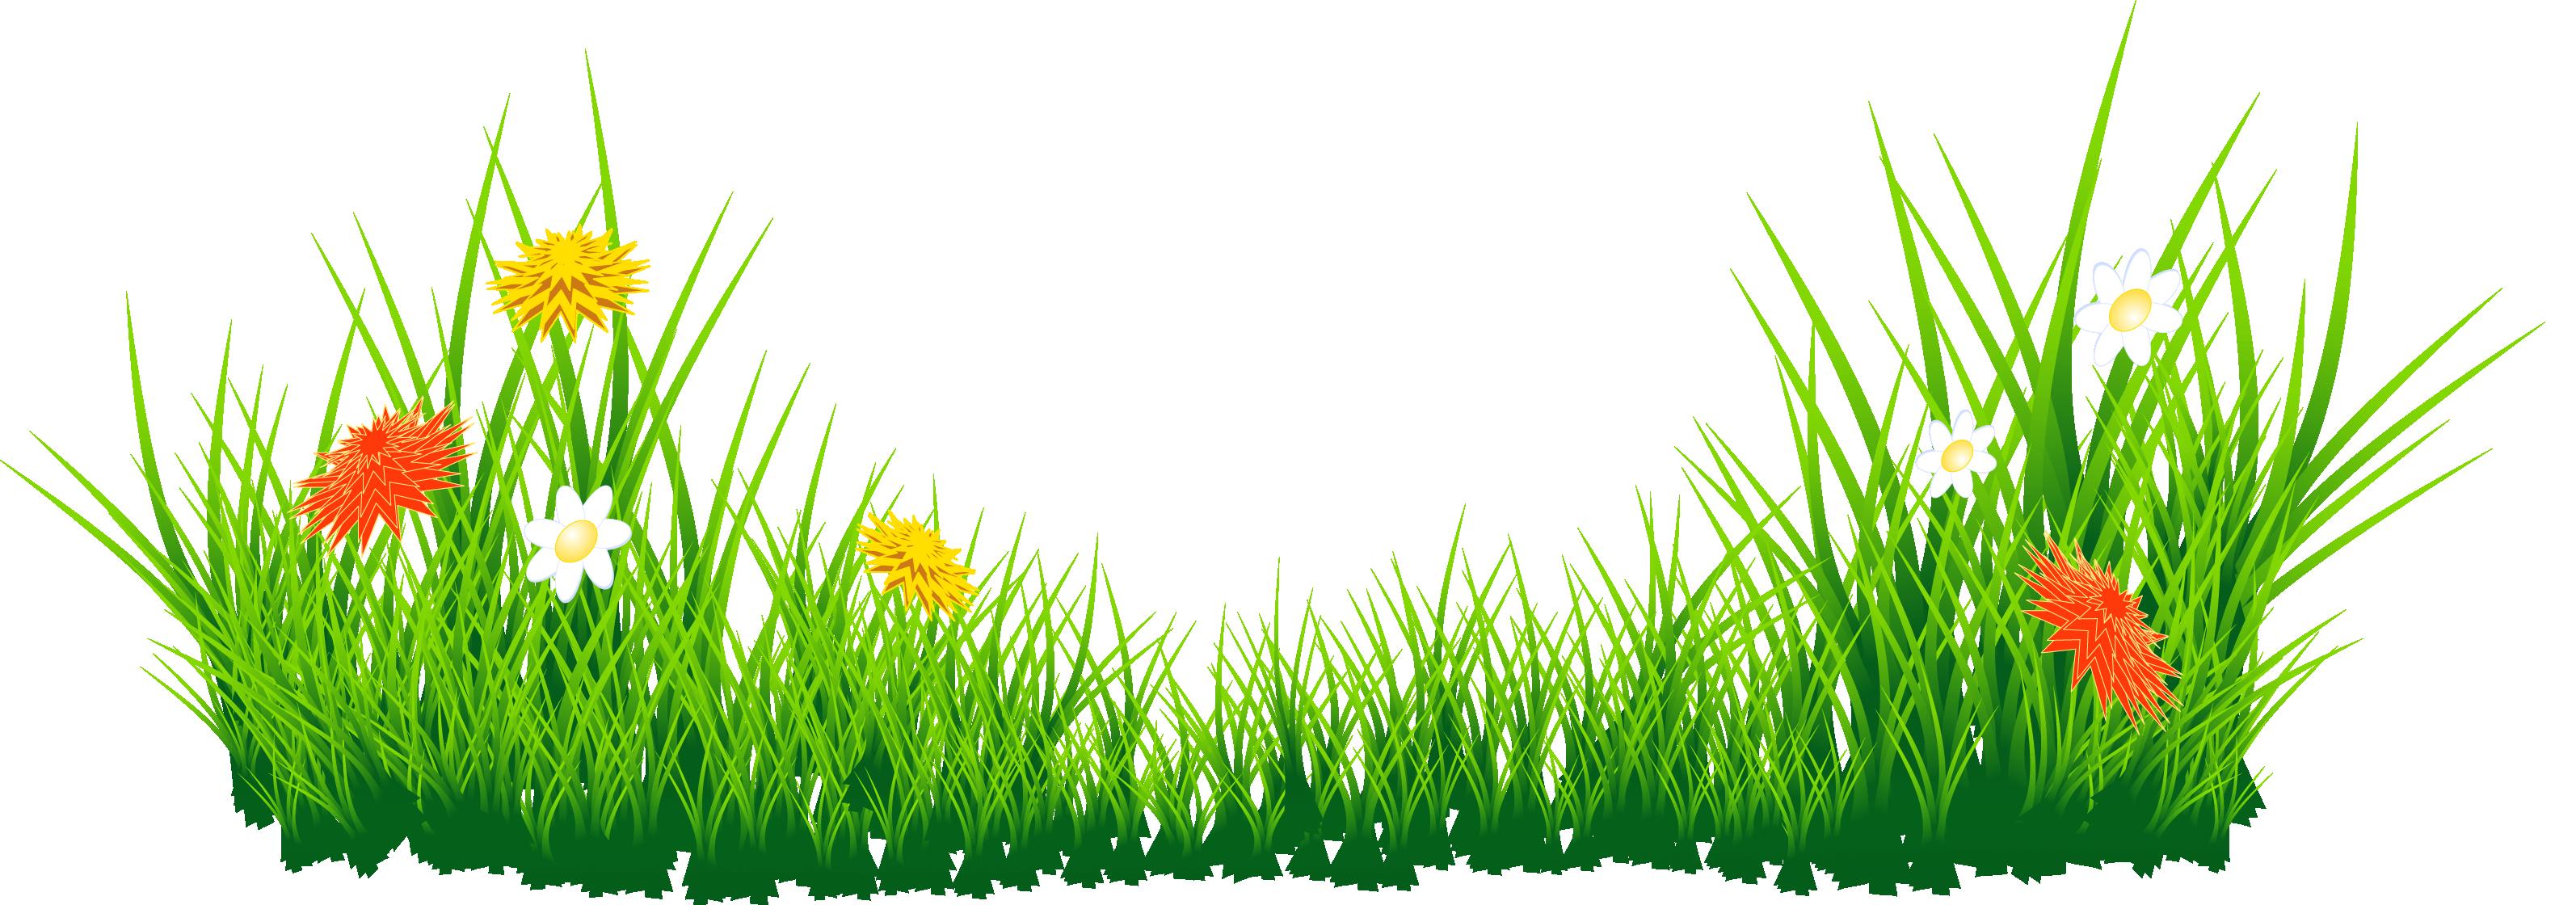 Grass clipart 2